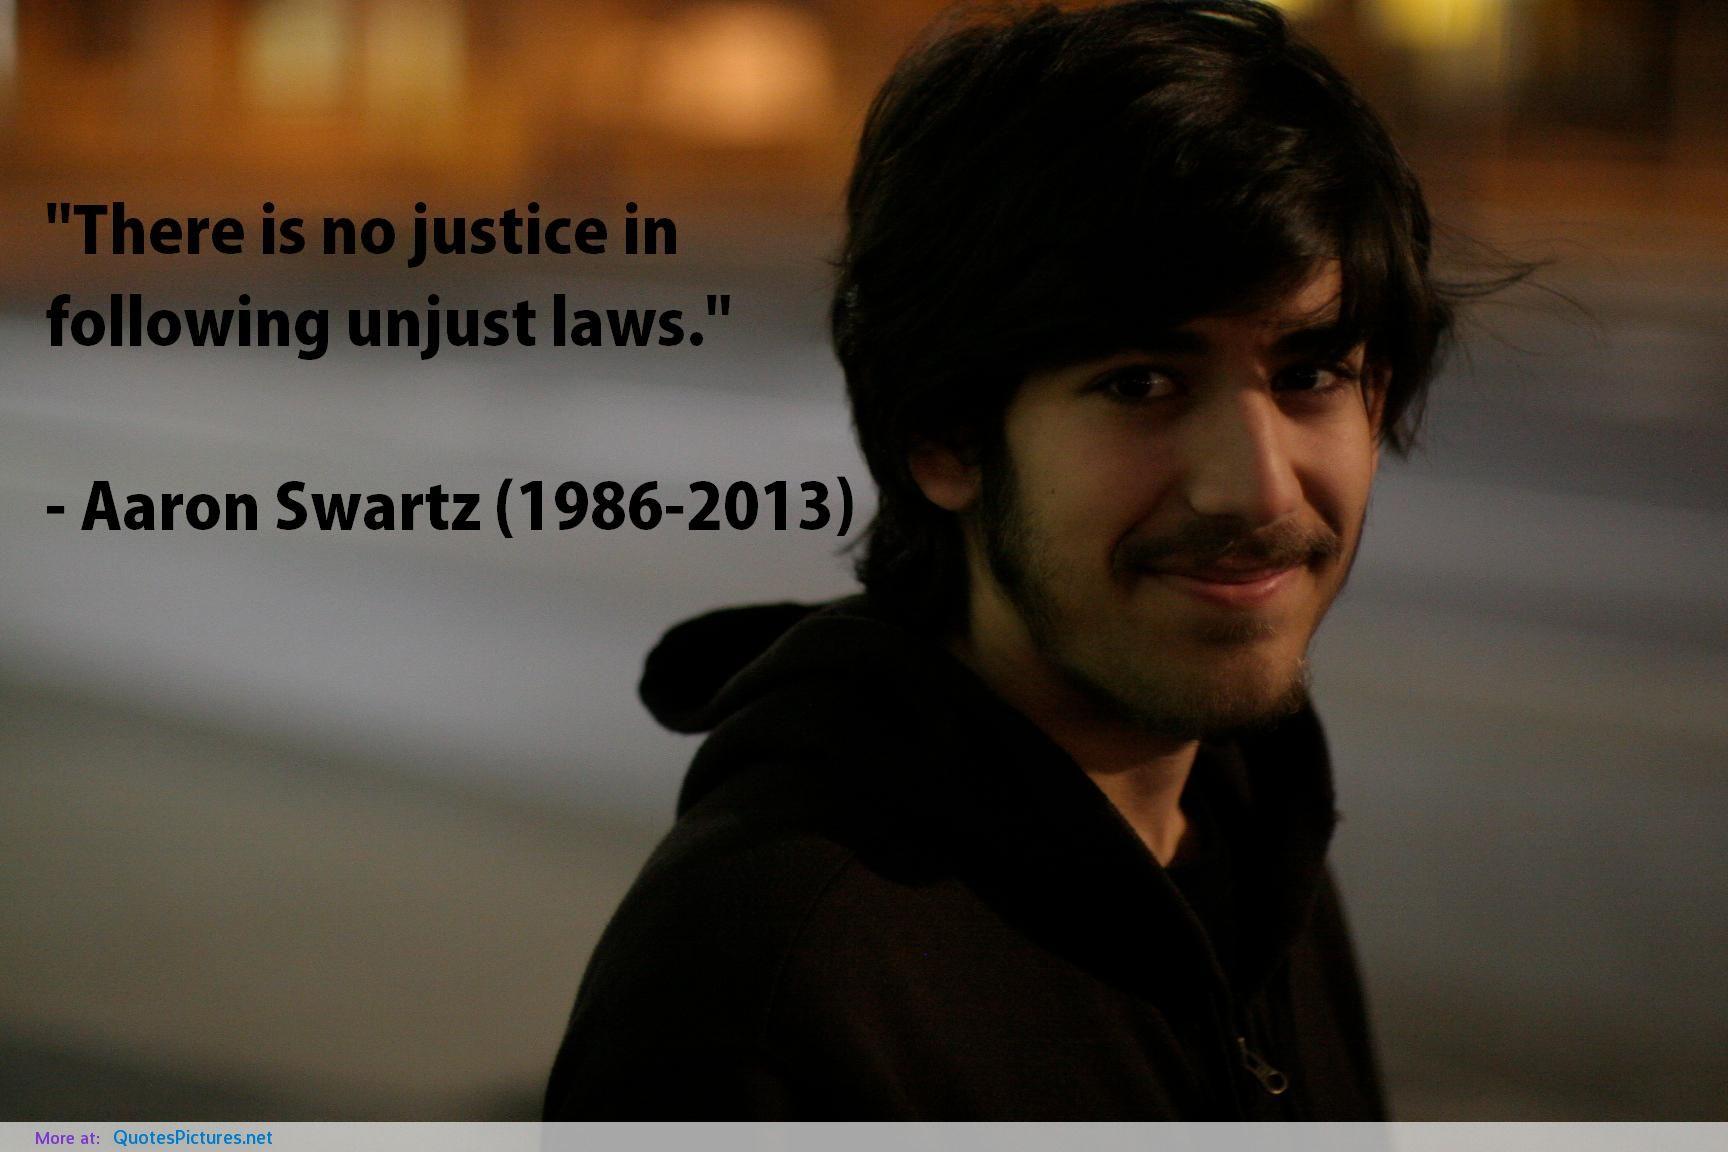 Aaron Swartz's quote #2